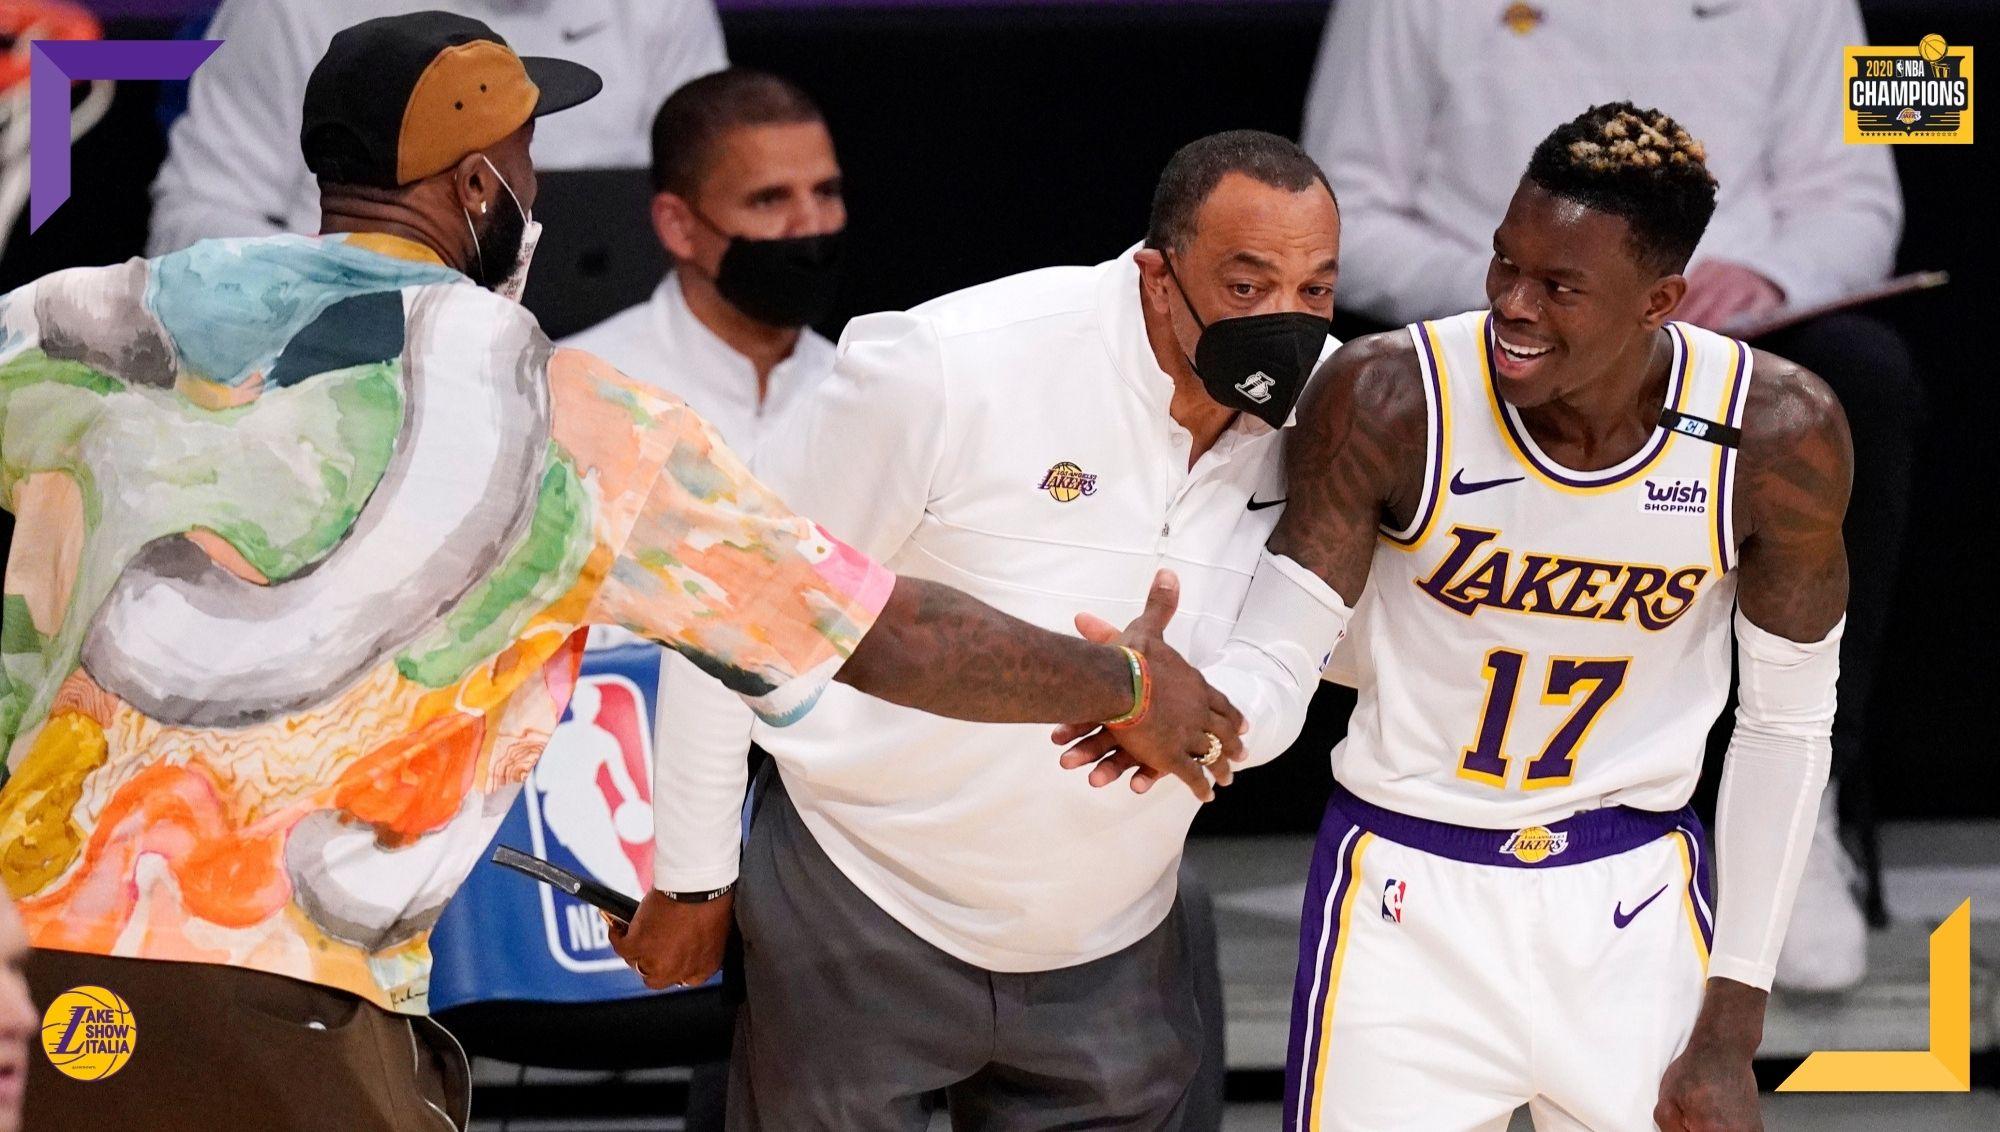 Ai Los Angeles Lakers serve un overtime per avere la meglio degli Utah Jazz. Nel finale si accende Dennis Schröder, bene anche Drummond e KCP.